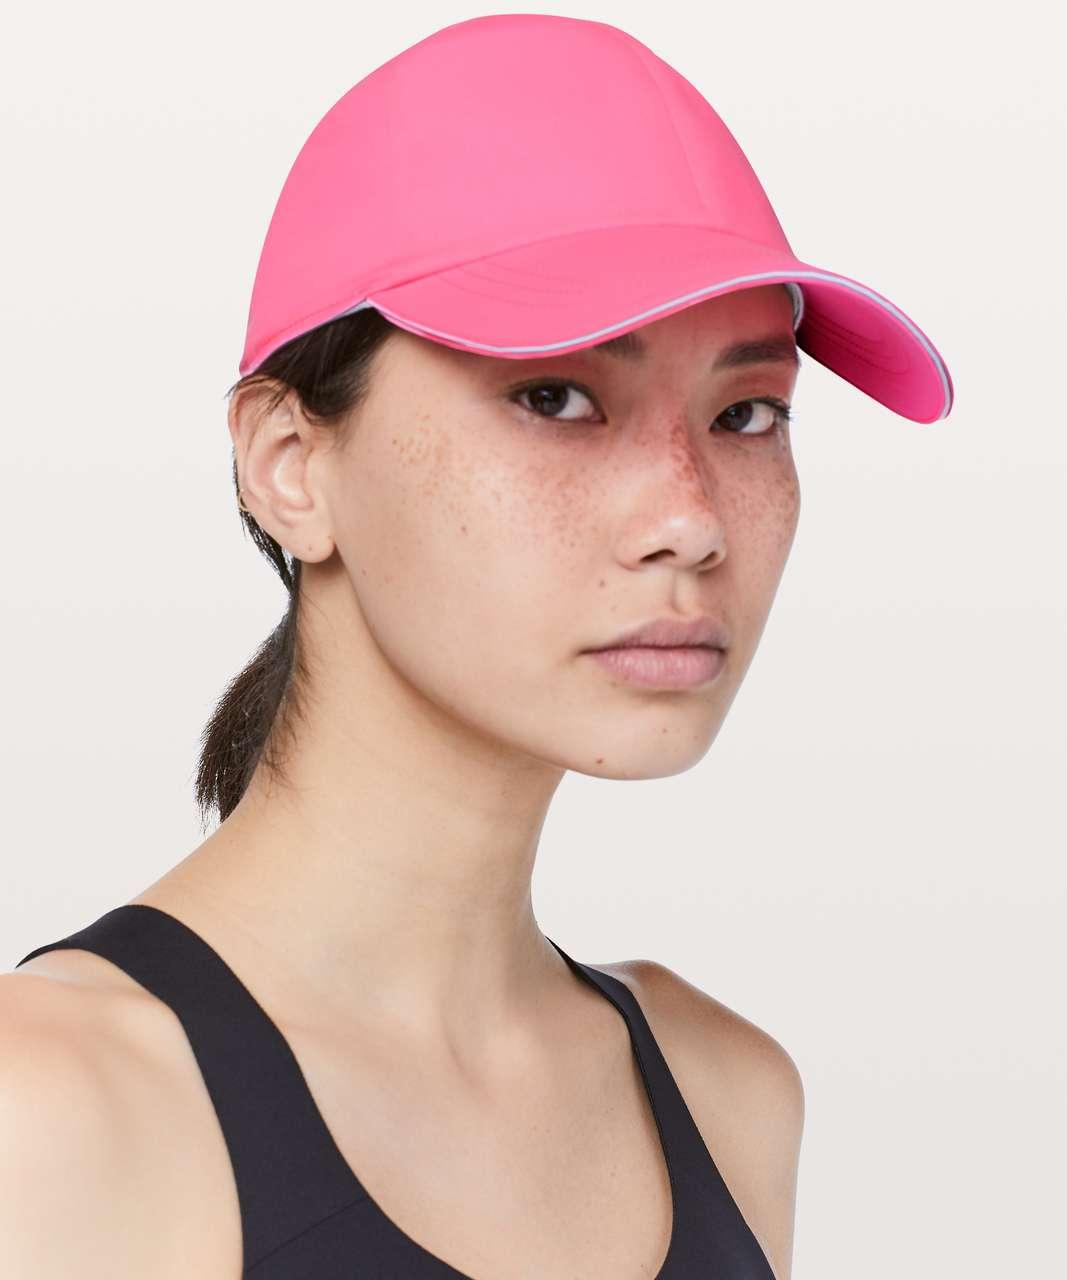 63d33239 Lululemon Baller Hat Run - Zing Pink Light - lulu fanatics